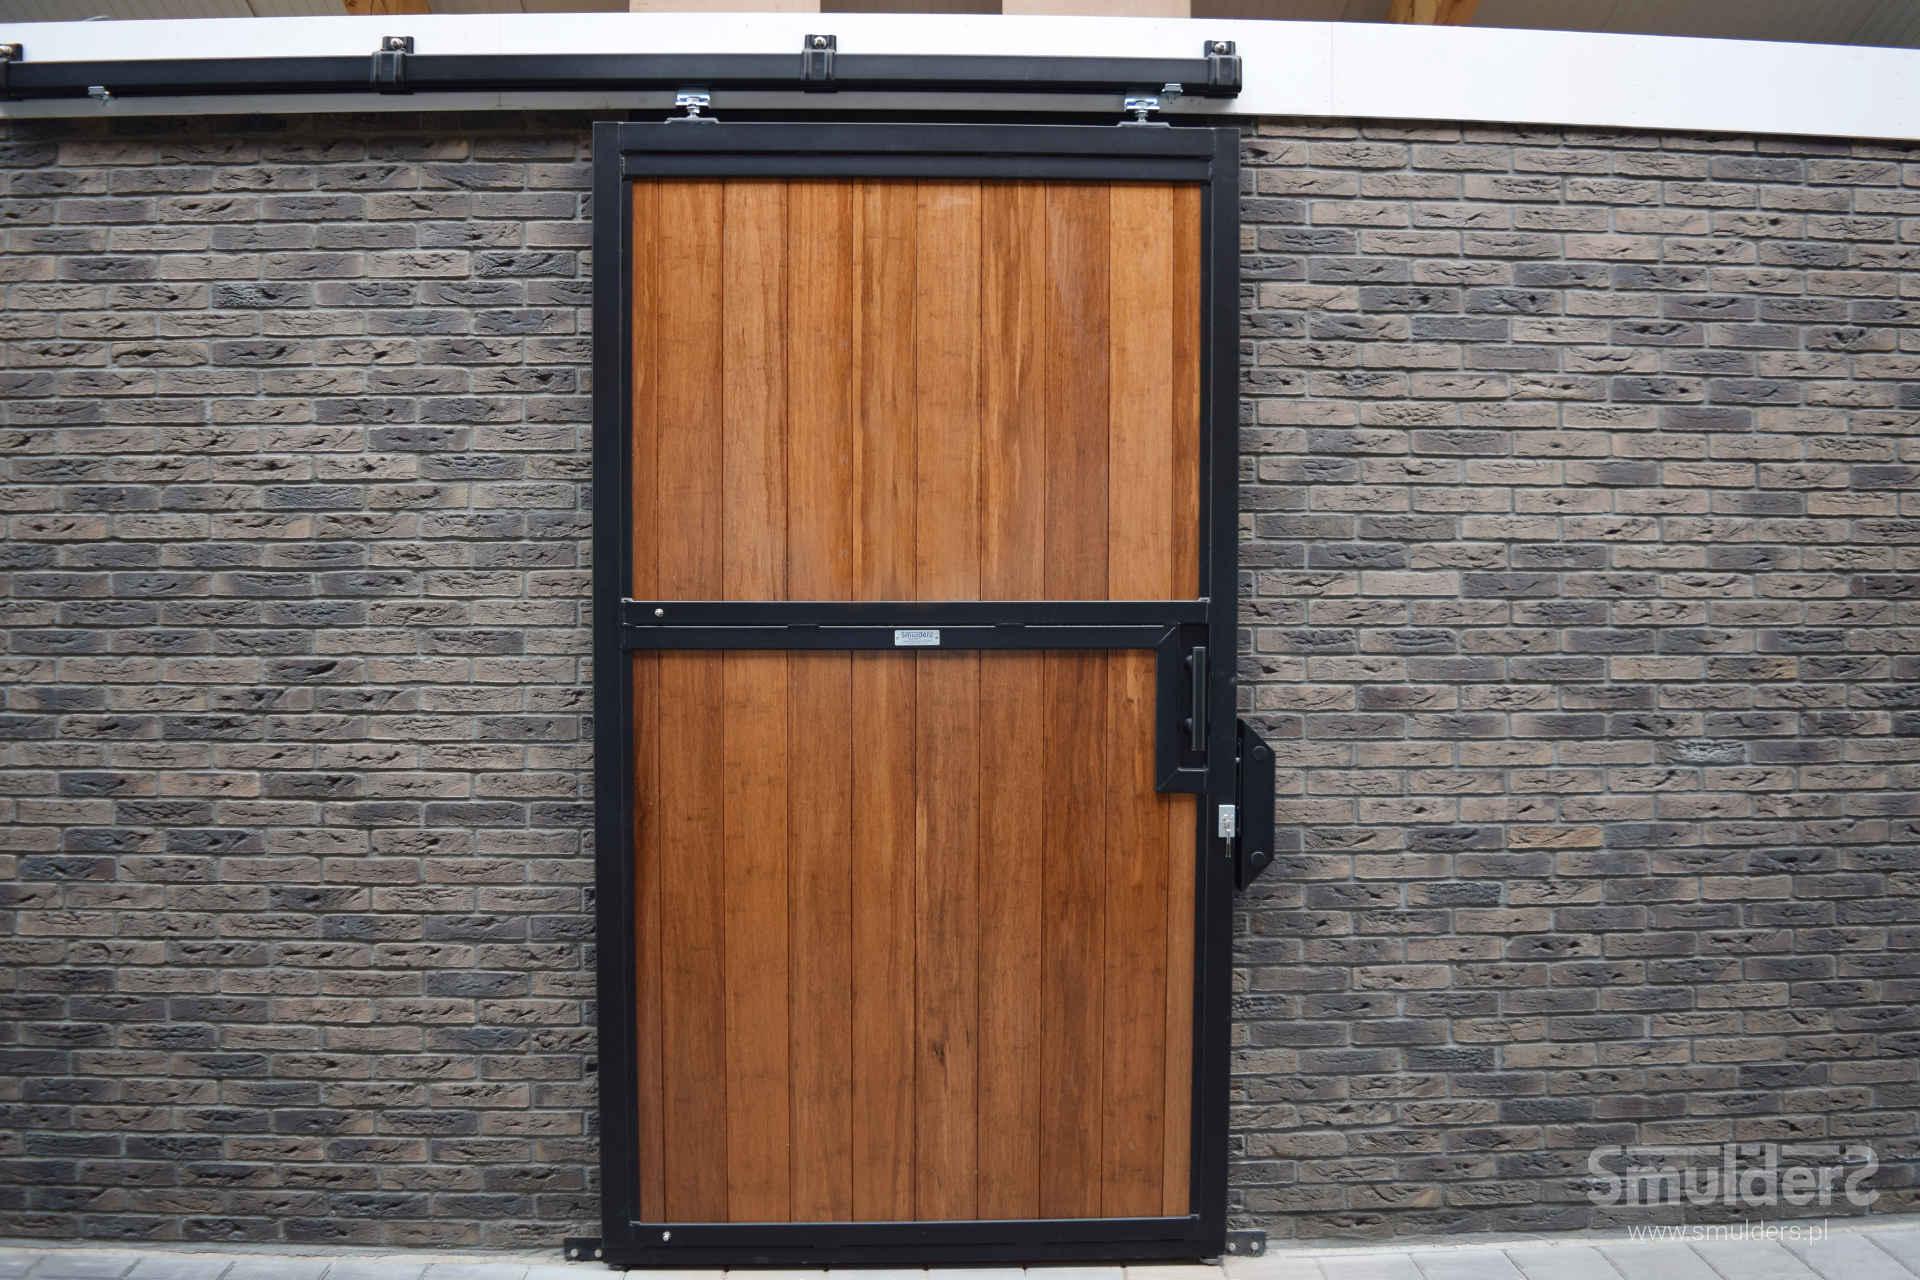 http://www.smulders.pl/wp-content/uploads/2016/10/f008_TBV_doors_SMULDERS_PL.jpg